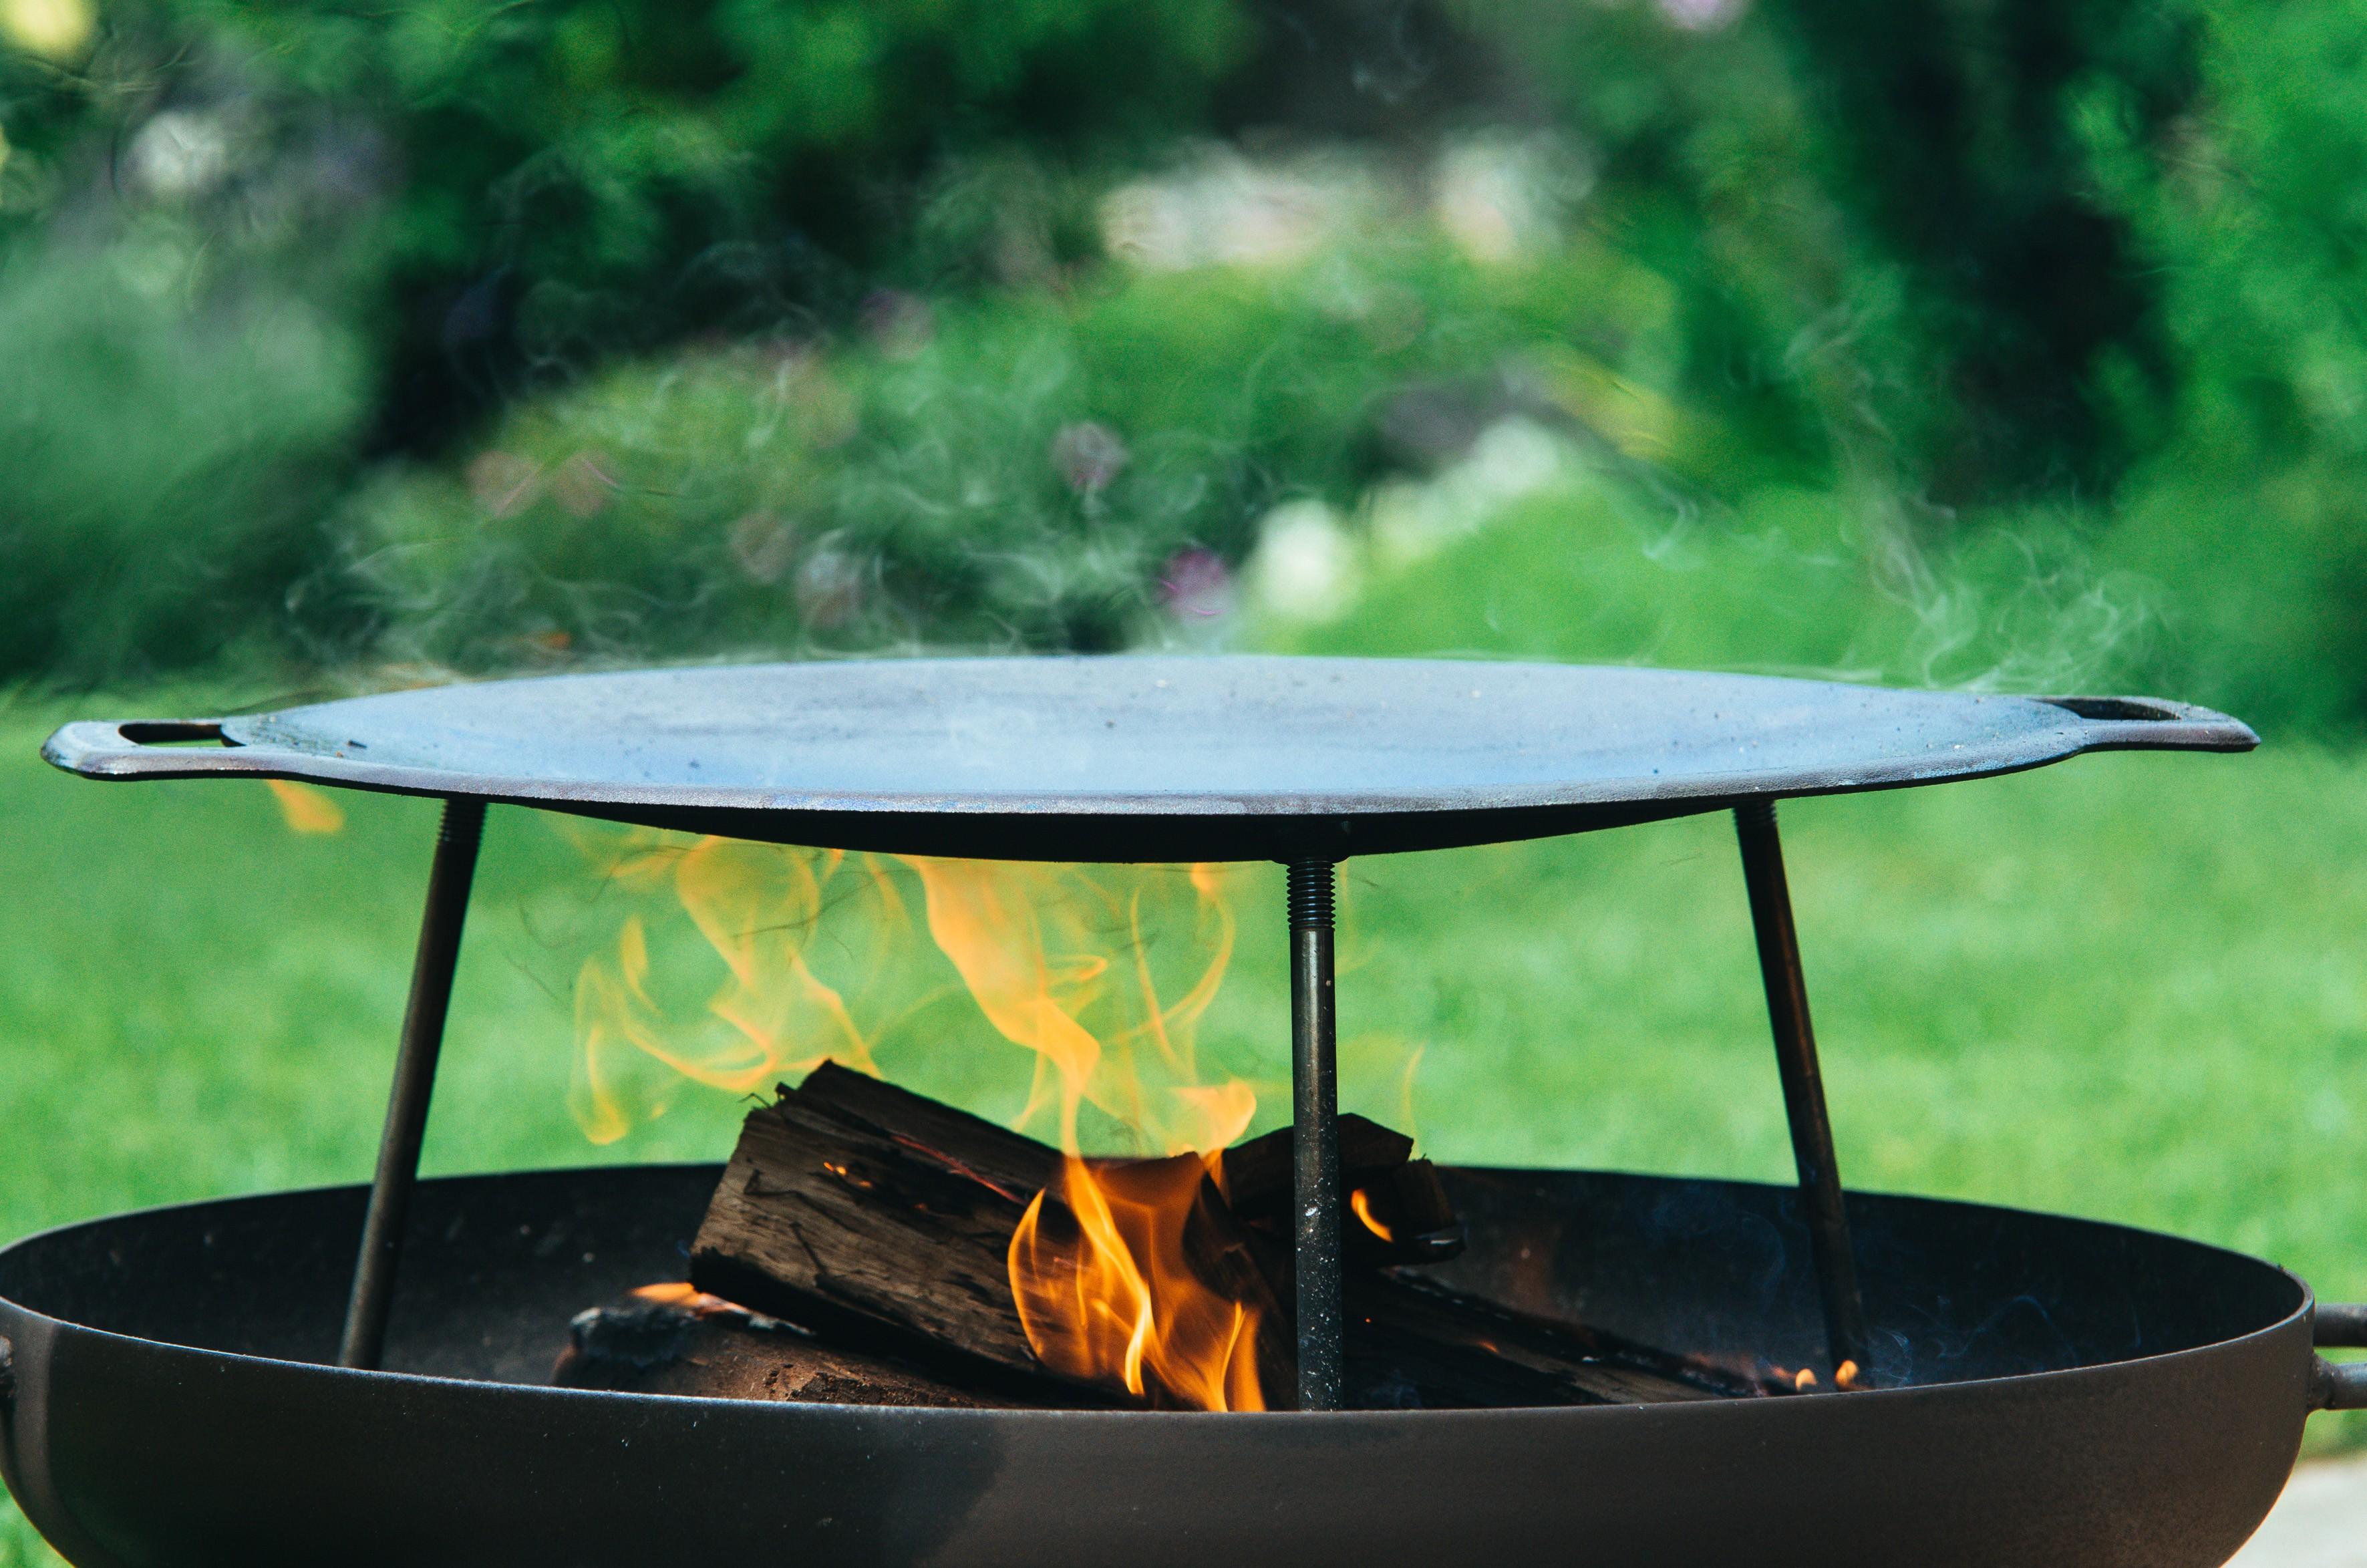 muurikka feuerpfanne mit beinen 48cm bei finnwerk. Black Bedroom Furniture Sets. Home Design Ideas